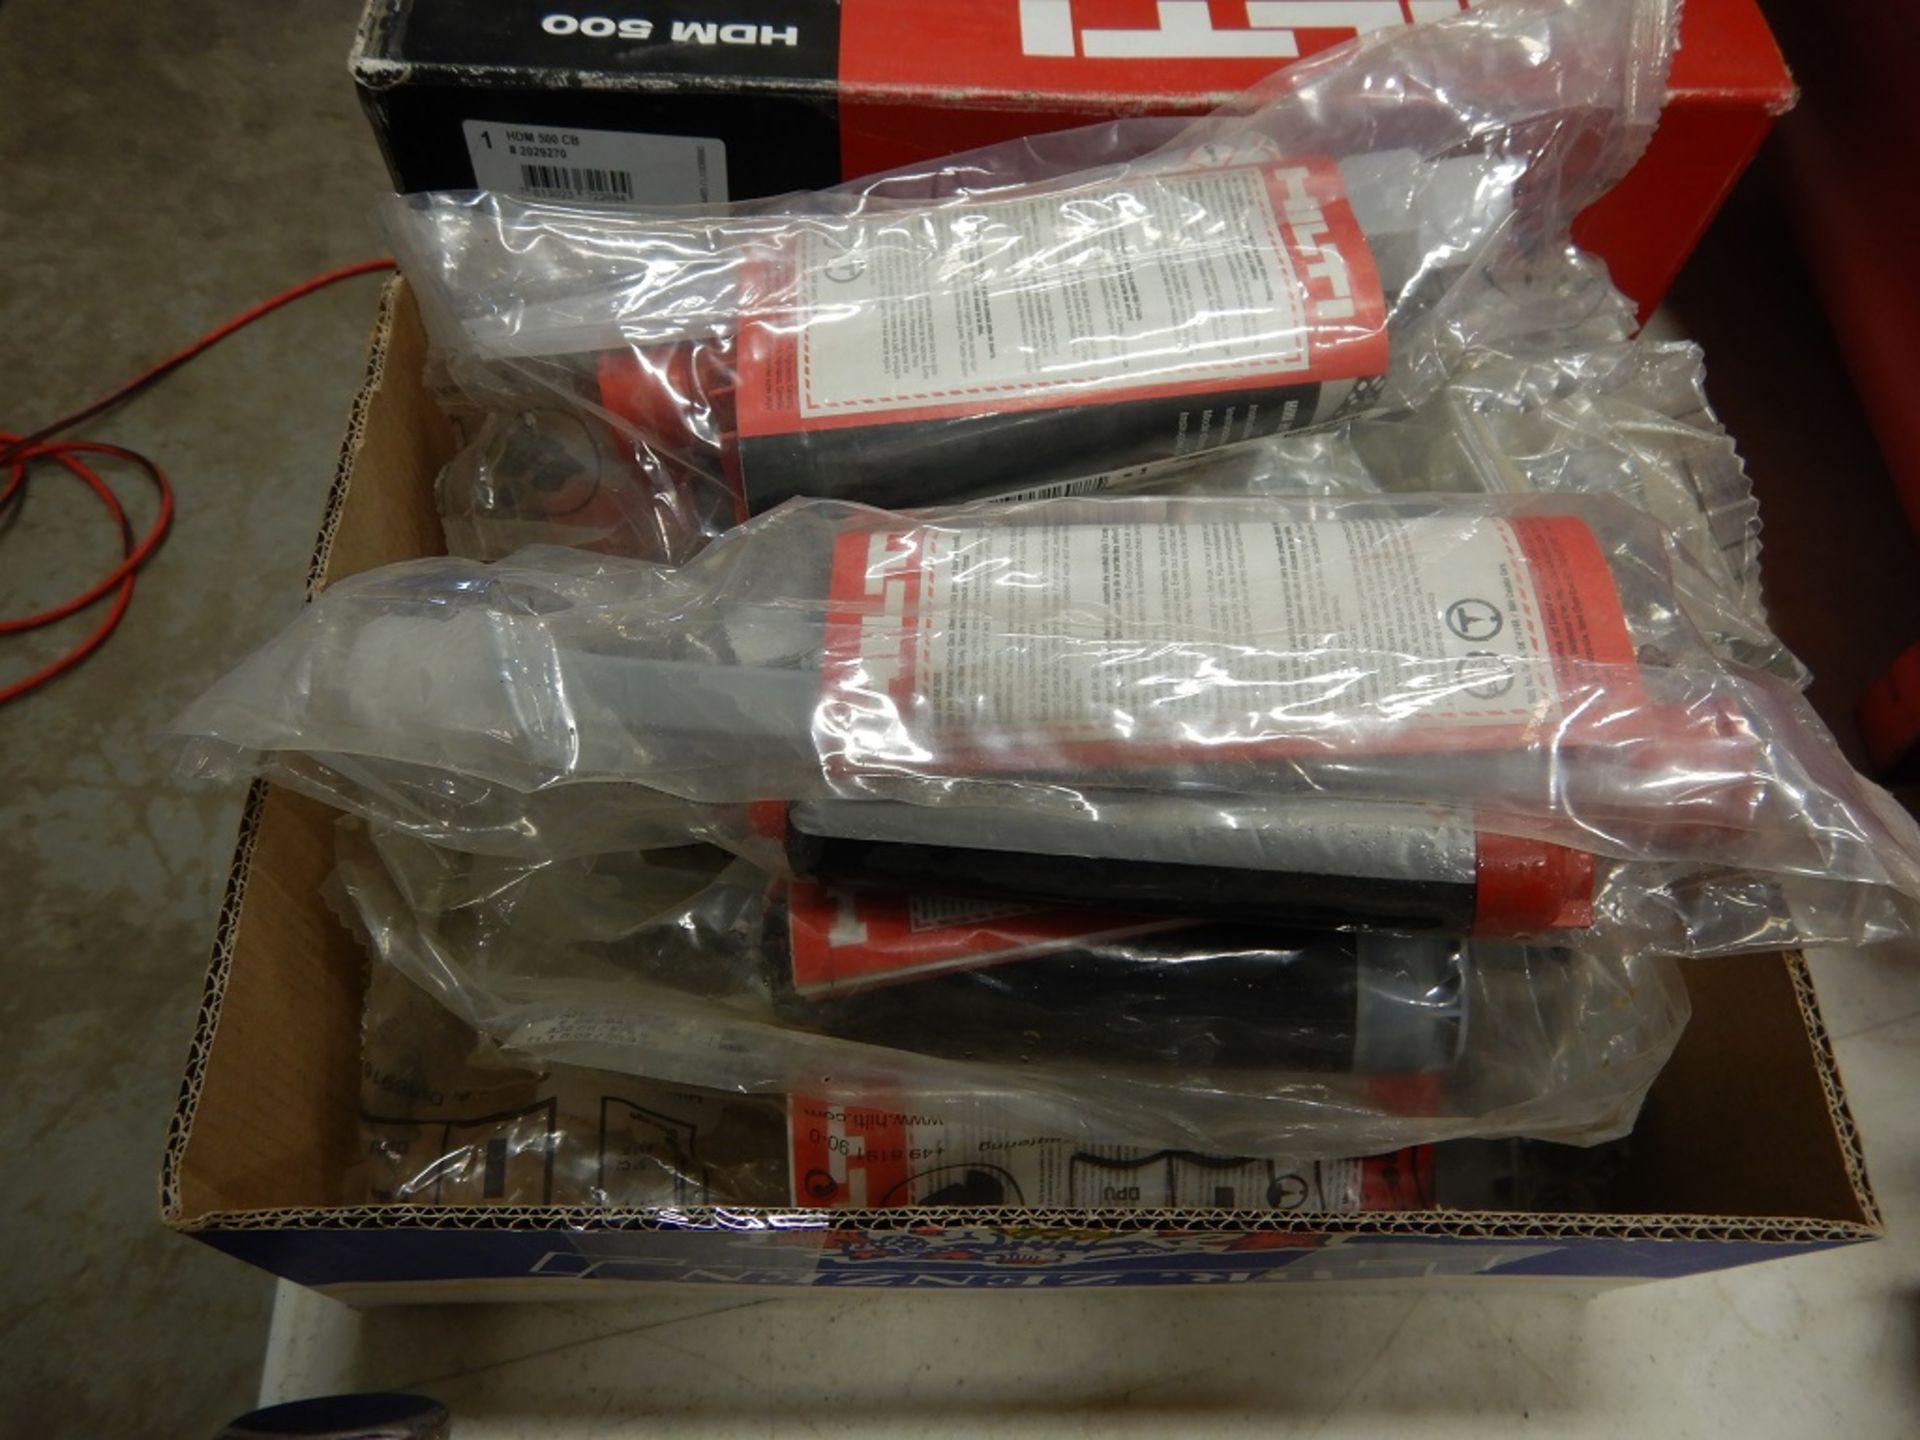 Lot 2 - HILTI HDM 500 ADHESIVE DISPENSER GUN W/ H4 150 MIX PACKS